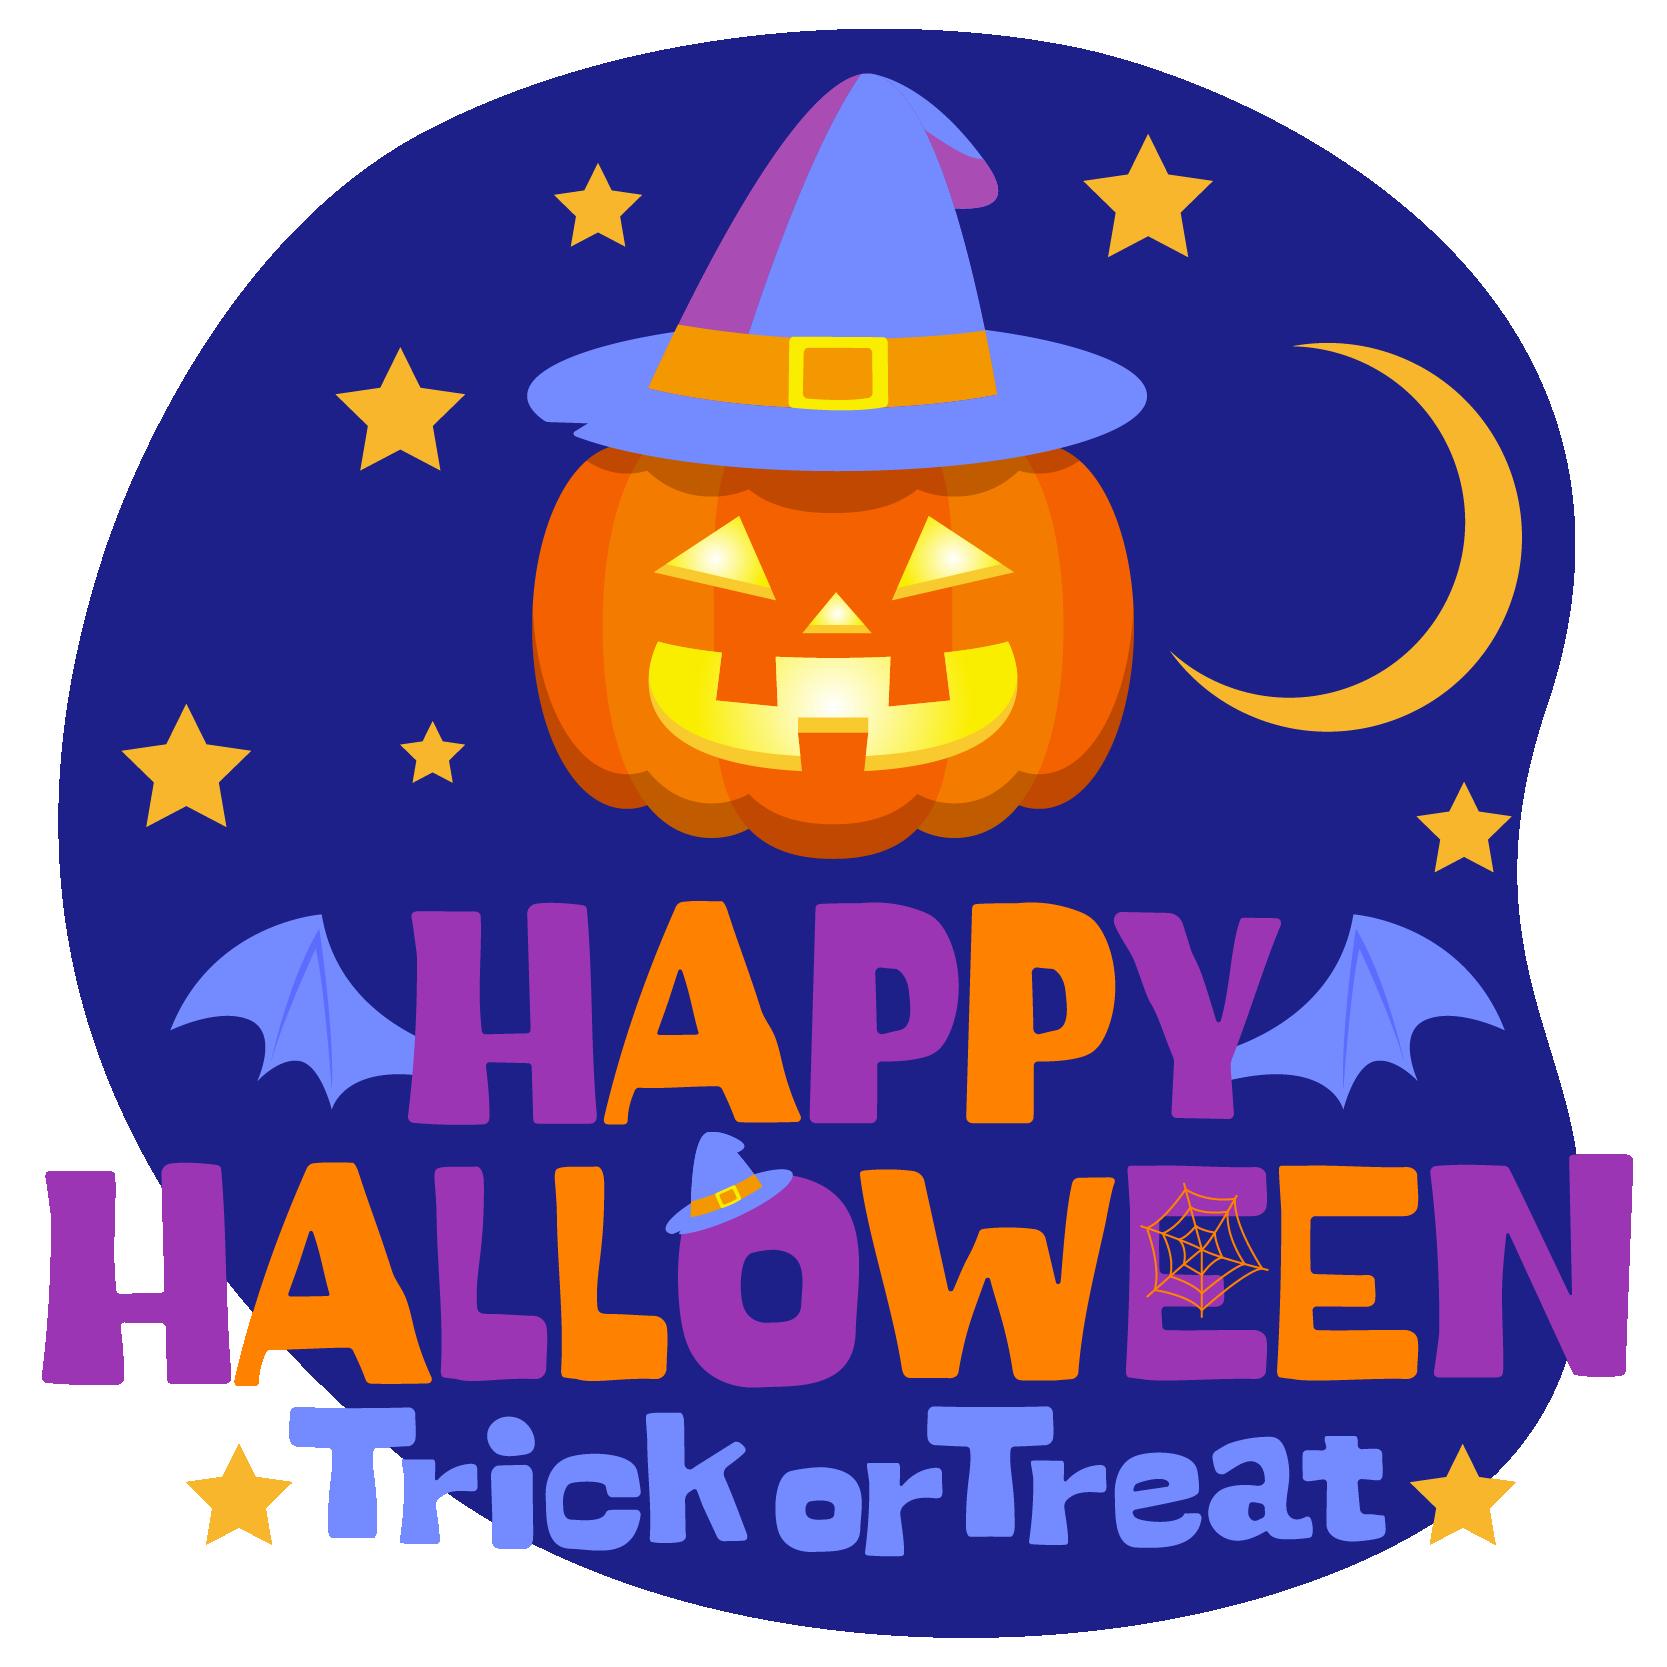 商用フリーイラスト_無料_10月_ハロウィン文字_夜_happy halloween,trick